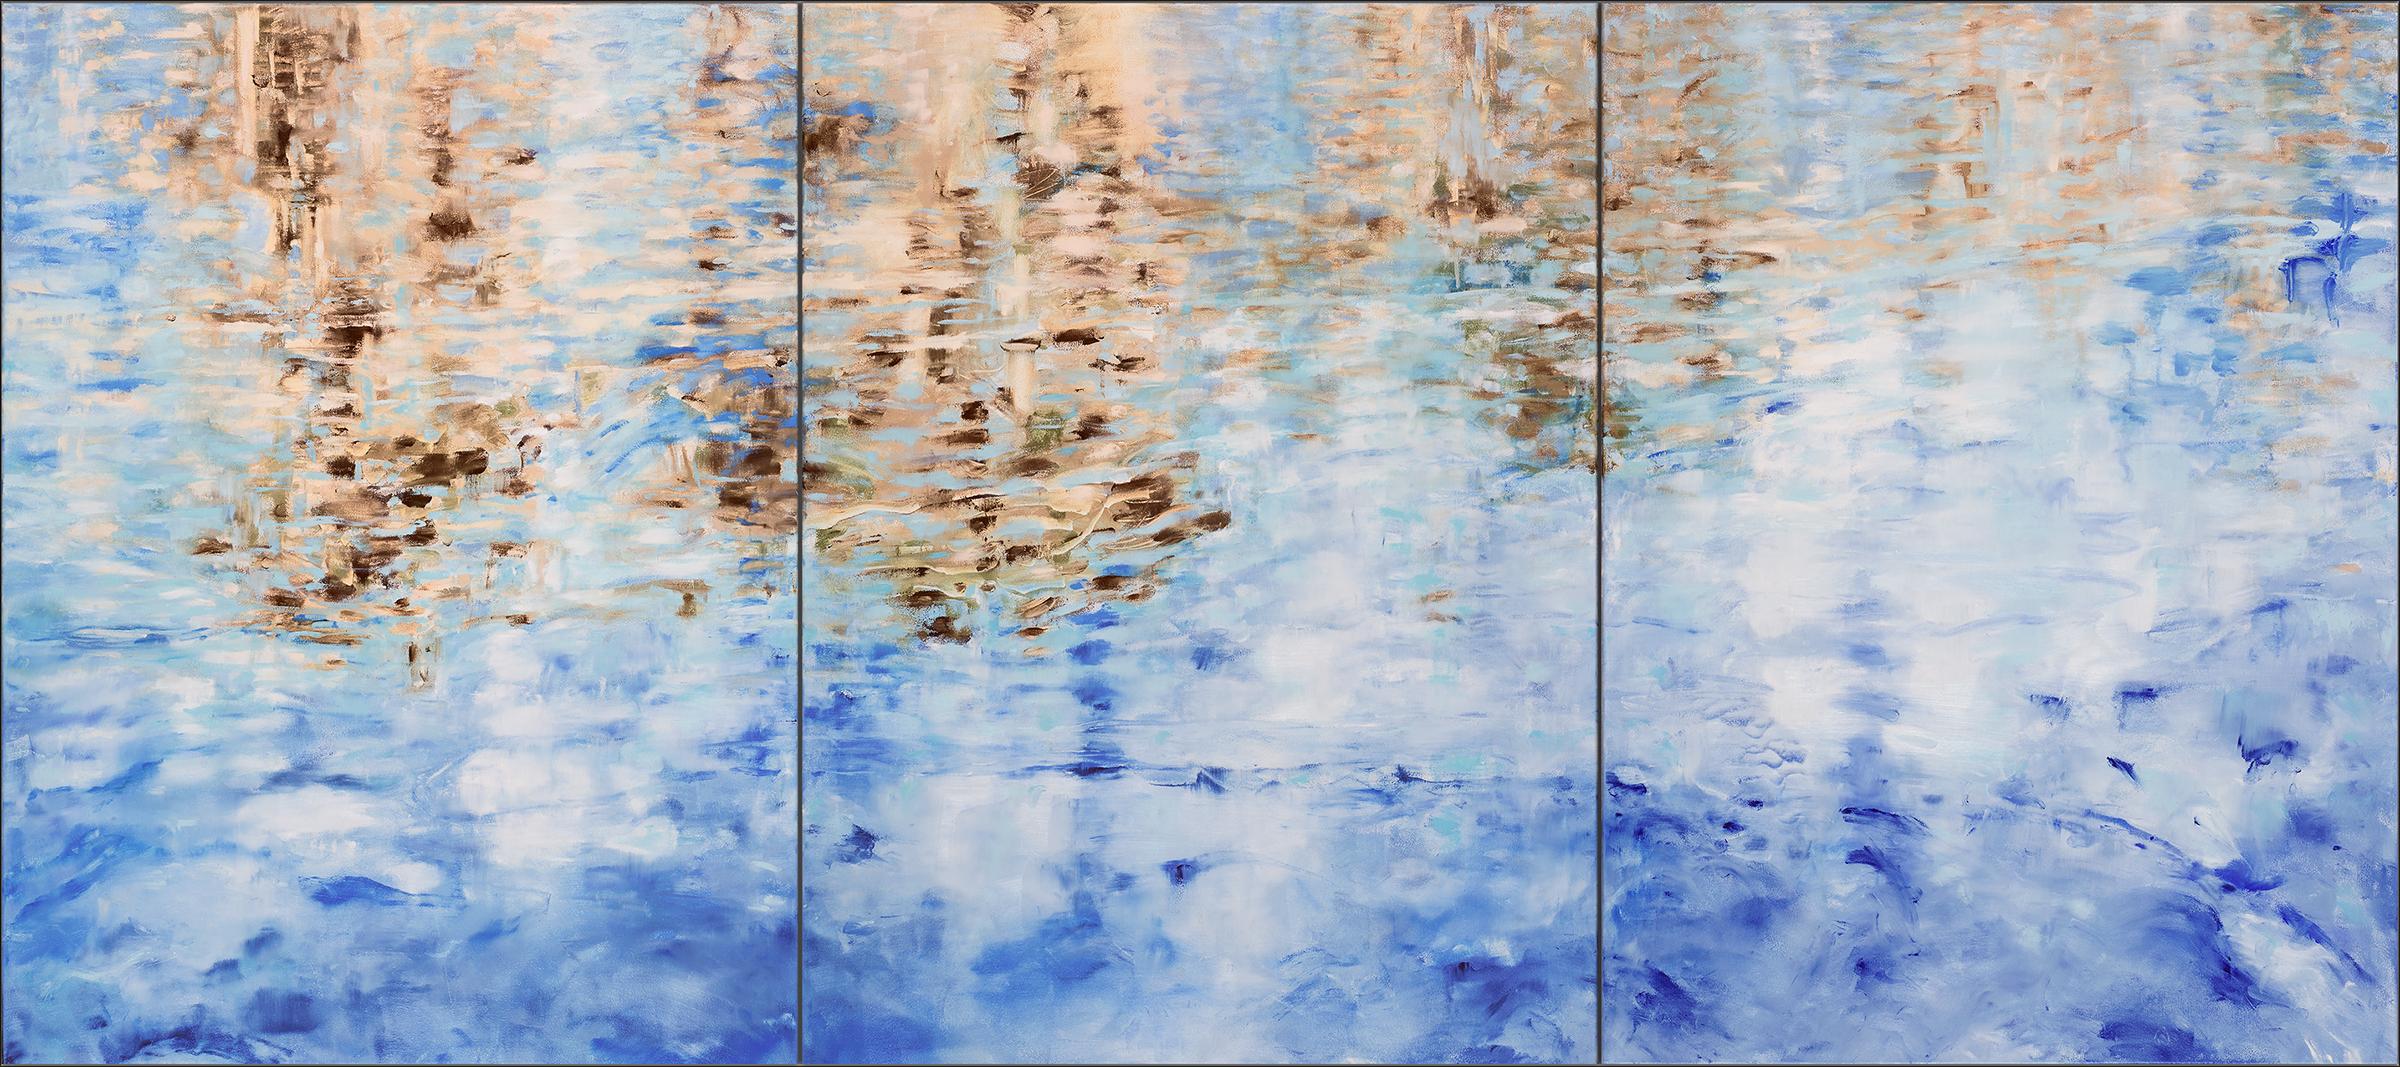 Alameda CRAB COVE 10, 11, 12 - Triptych